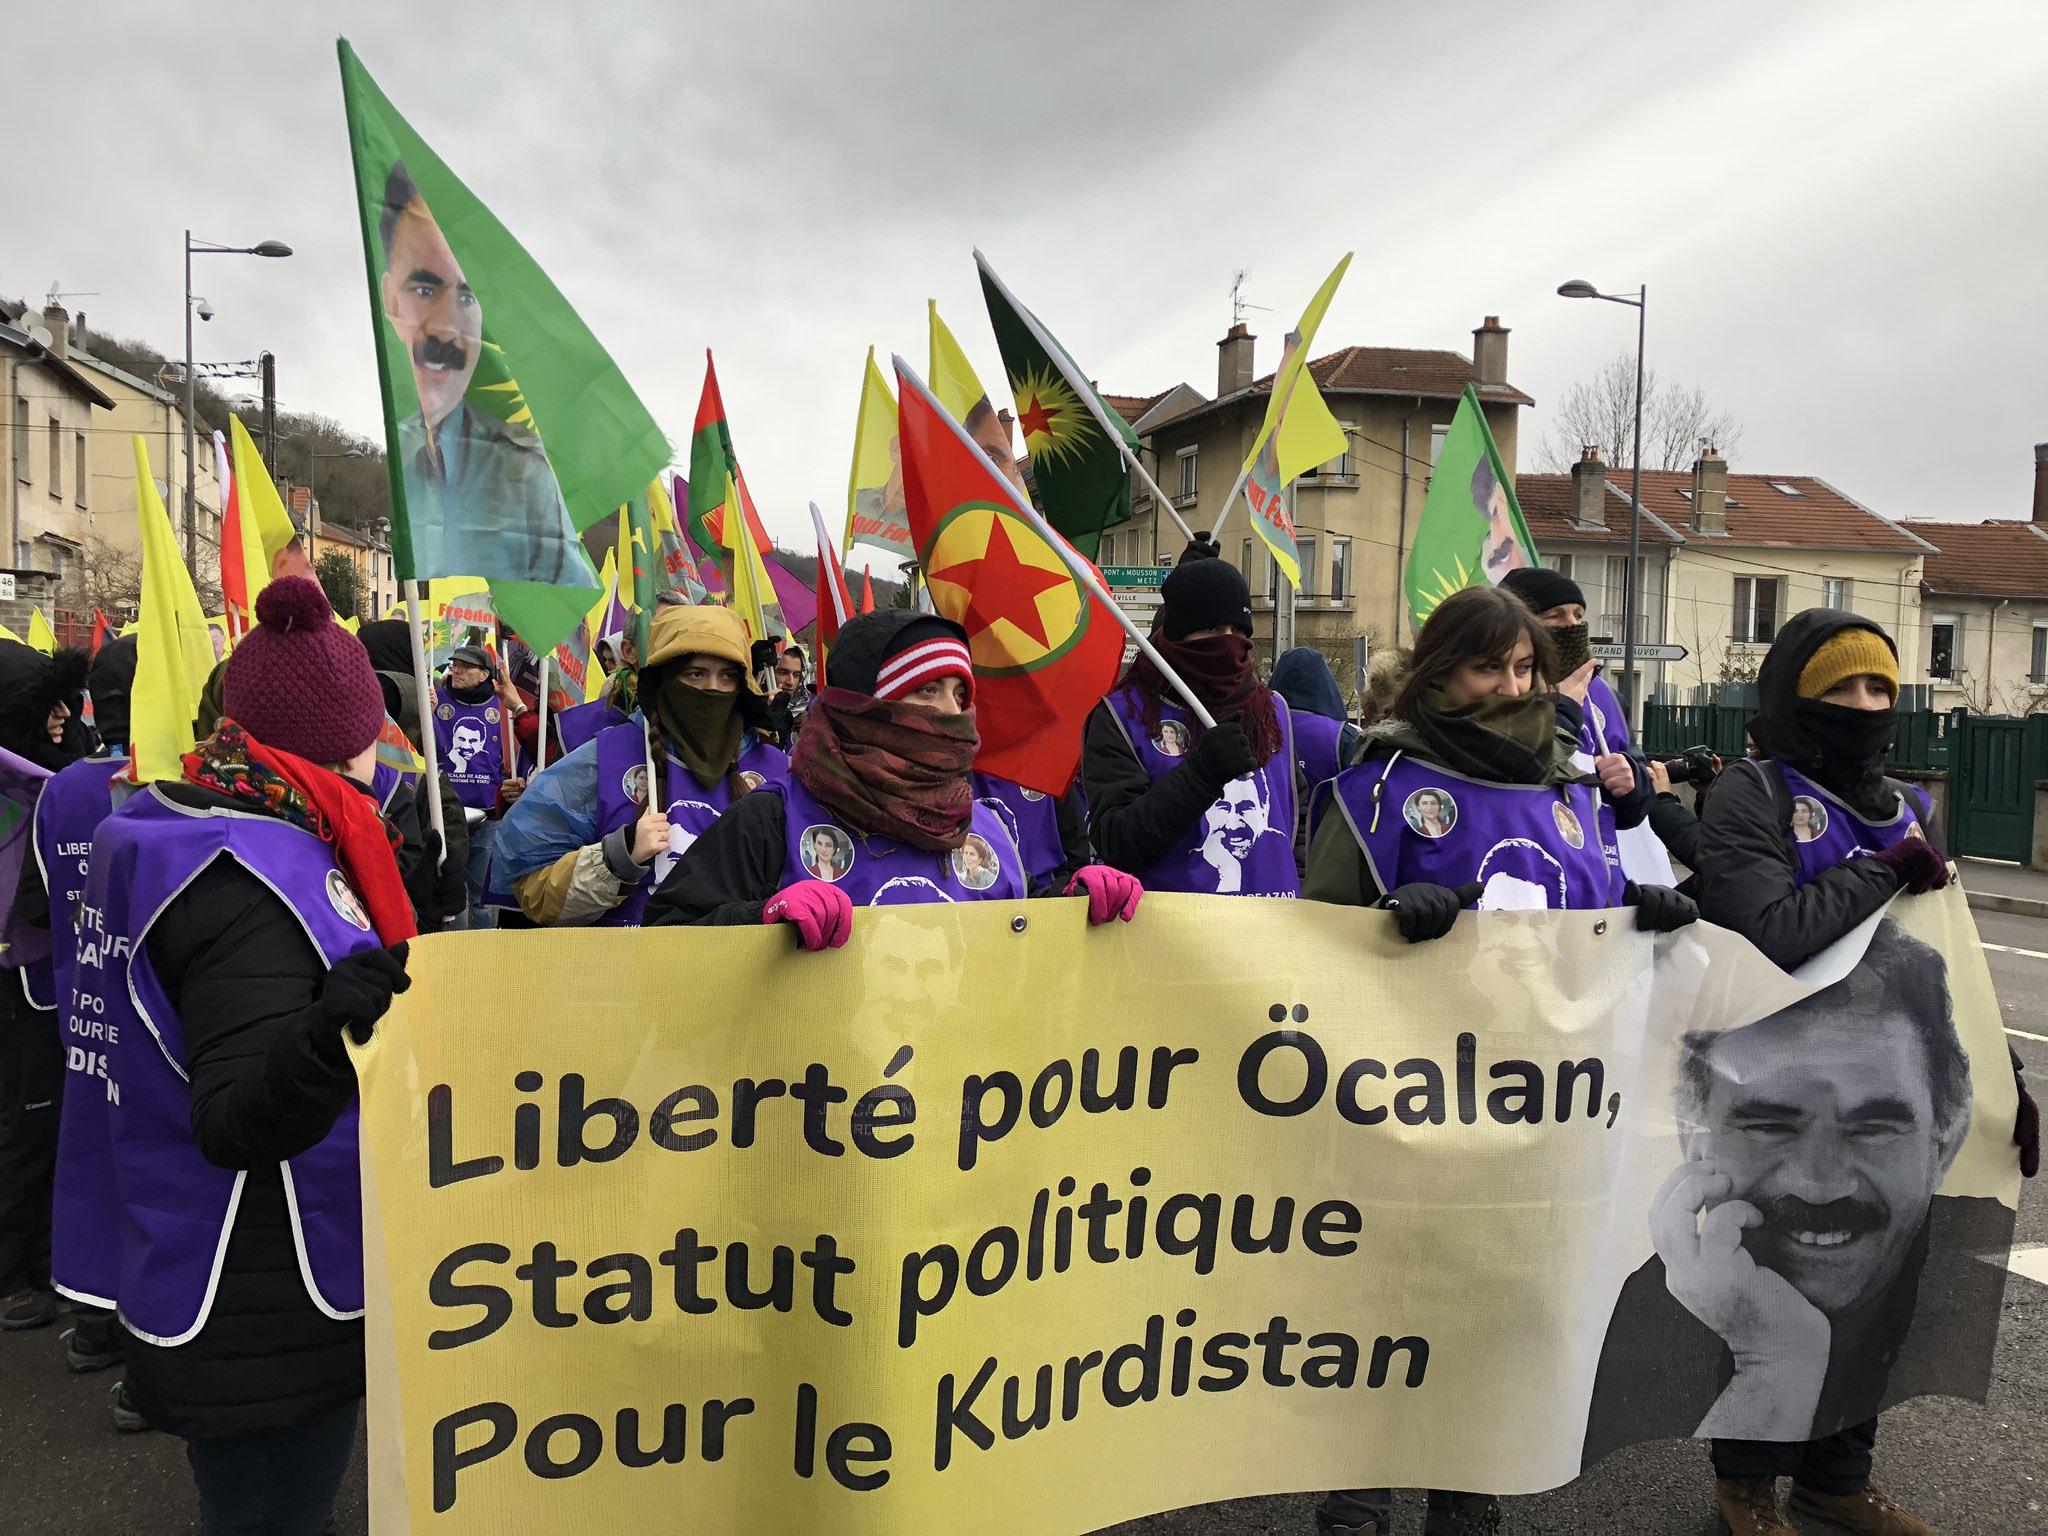 Belgian court rules PKK not terrorist